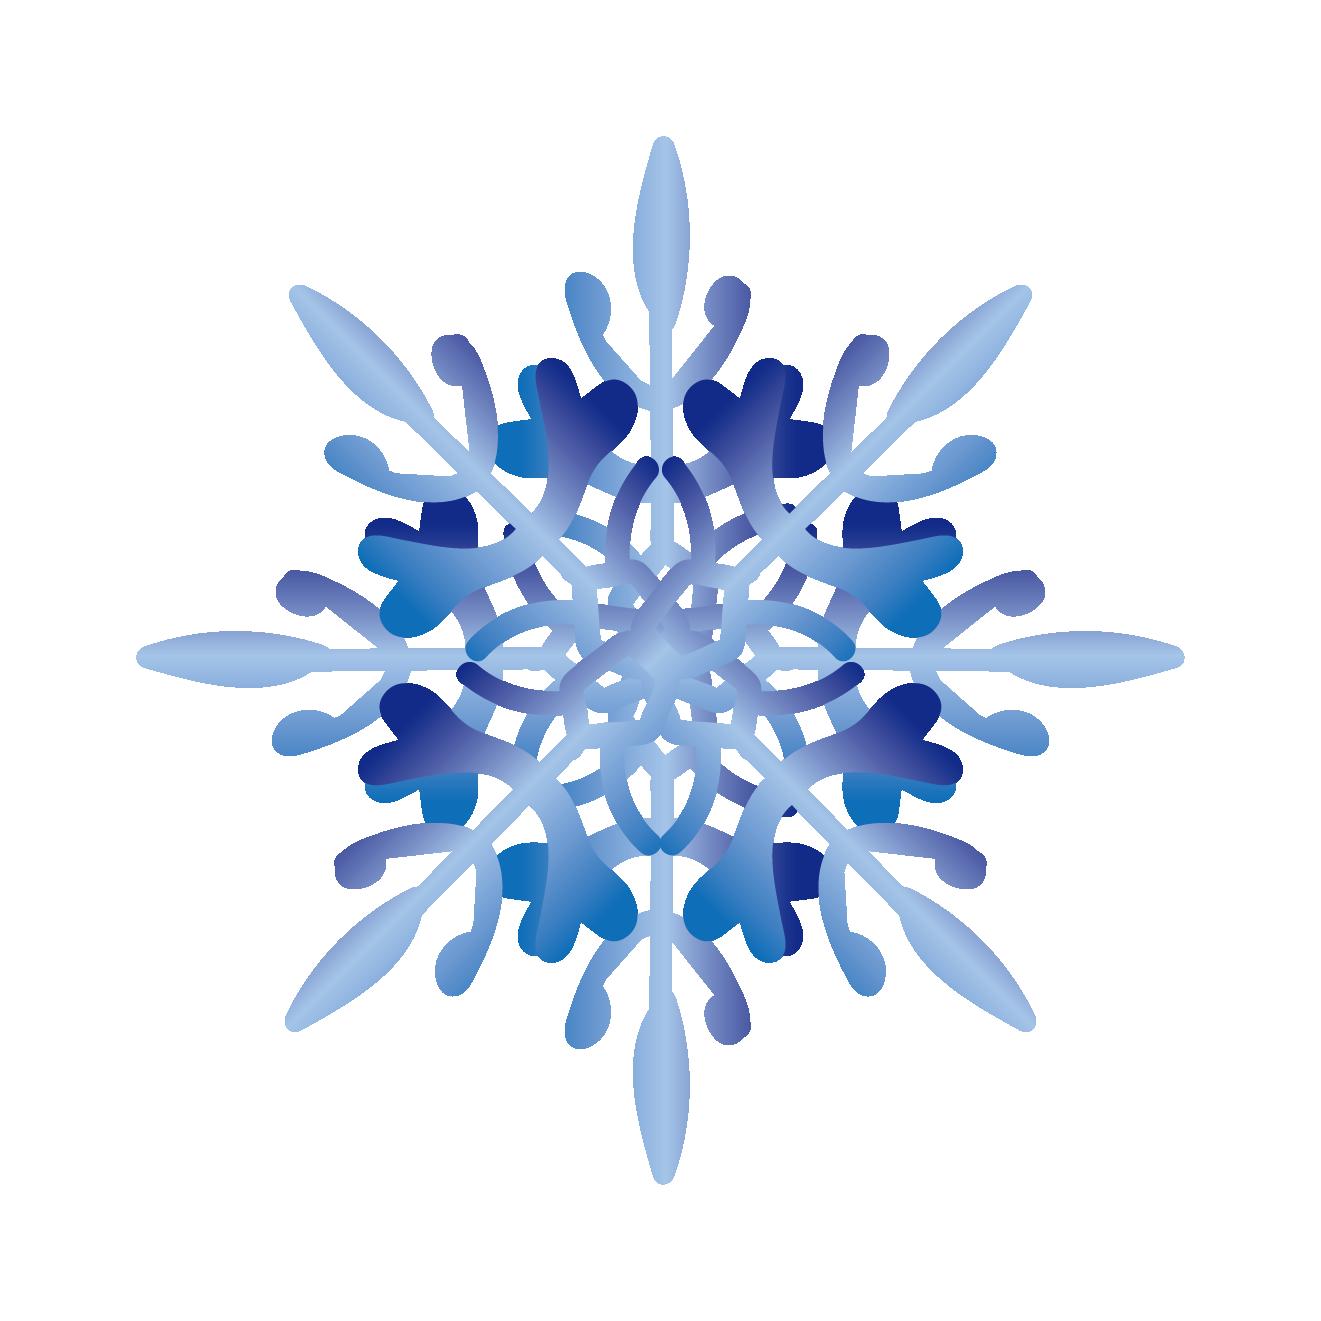 商用可冬を連想するとっても綺麗な雪の結晶イラスト素材のゴージャス